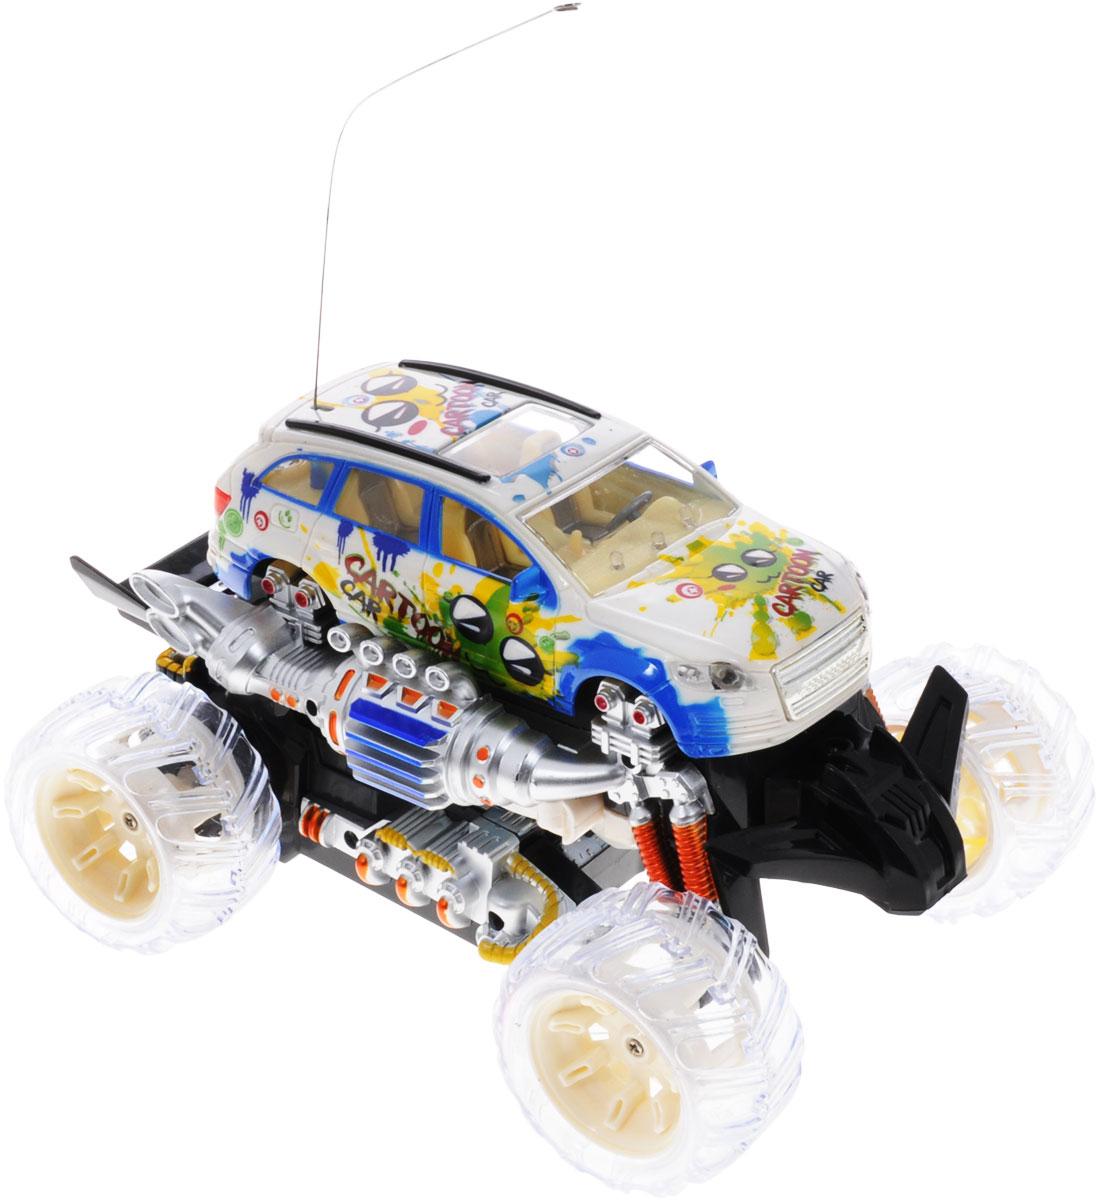 """Машина-трансформер на радиоуправлении Zhorya """"Автоагент"""", несомненно, понравится любому мальчишке. Яркий и оригинальный дизайн машинки точно понравится вашему ребенку. Игрушка выполнена в виде легковой машины, которая нажатием кнопки трансформируется в боевого робота. Модель изготовлена из прочного пластика, имеет прорезиненные колеса, которые обеспечивают надежное сцепление с поверхностью, и дополнена световыми эффектами. Игрушка может вращаться на 360°, она двигается вперед, дает задний ход, поворачивает влево и вправо, останавливается. Модель передвигается под музыку, а подсветка делает это зрелище еще более впечатляющим. Пульт имеет эргономичные ручки, благодаря чему его удобно держать. Ваш ребенок часами будет играть с моделью, придумывая различные истории и устраивая соревнования. Порадуйте его таким замечательным подарком! Пульт управления работает на частоте 27 MHz. Игрушка работает от сменного аккумулятора (входит в комплект). Для..."""